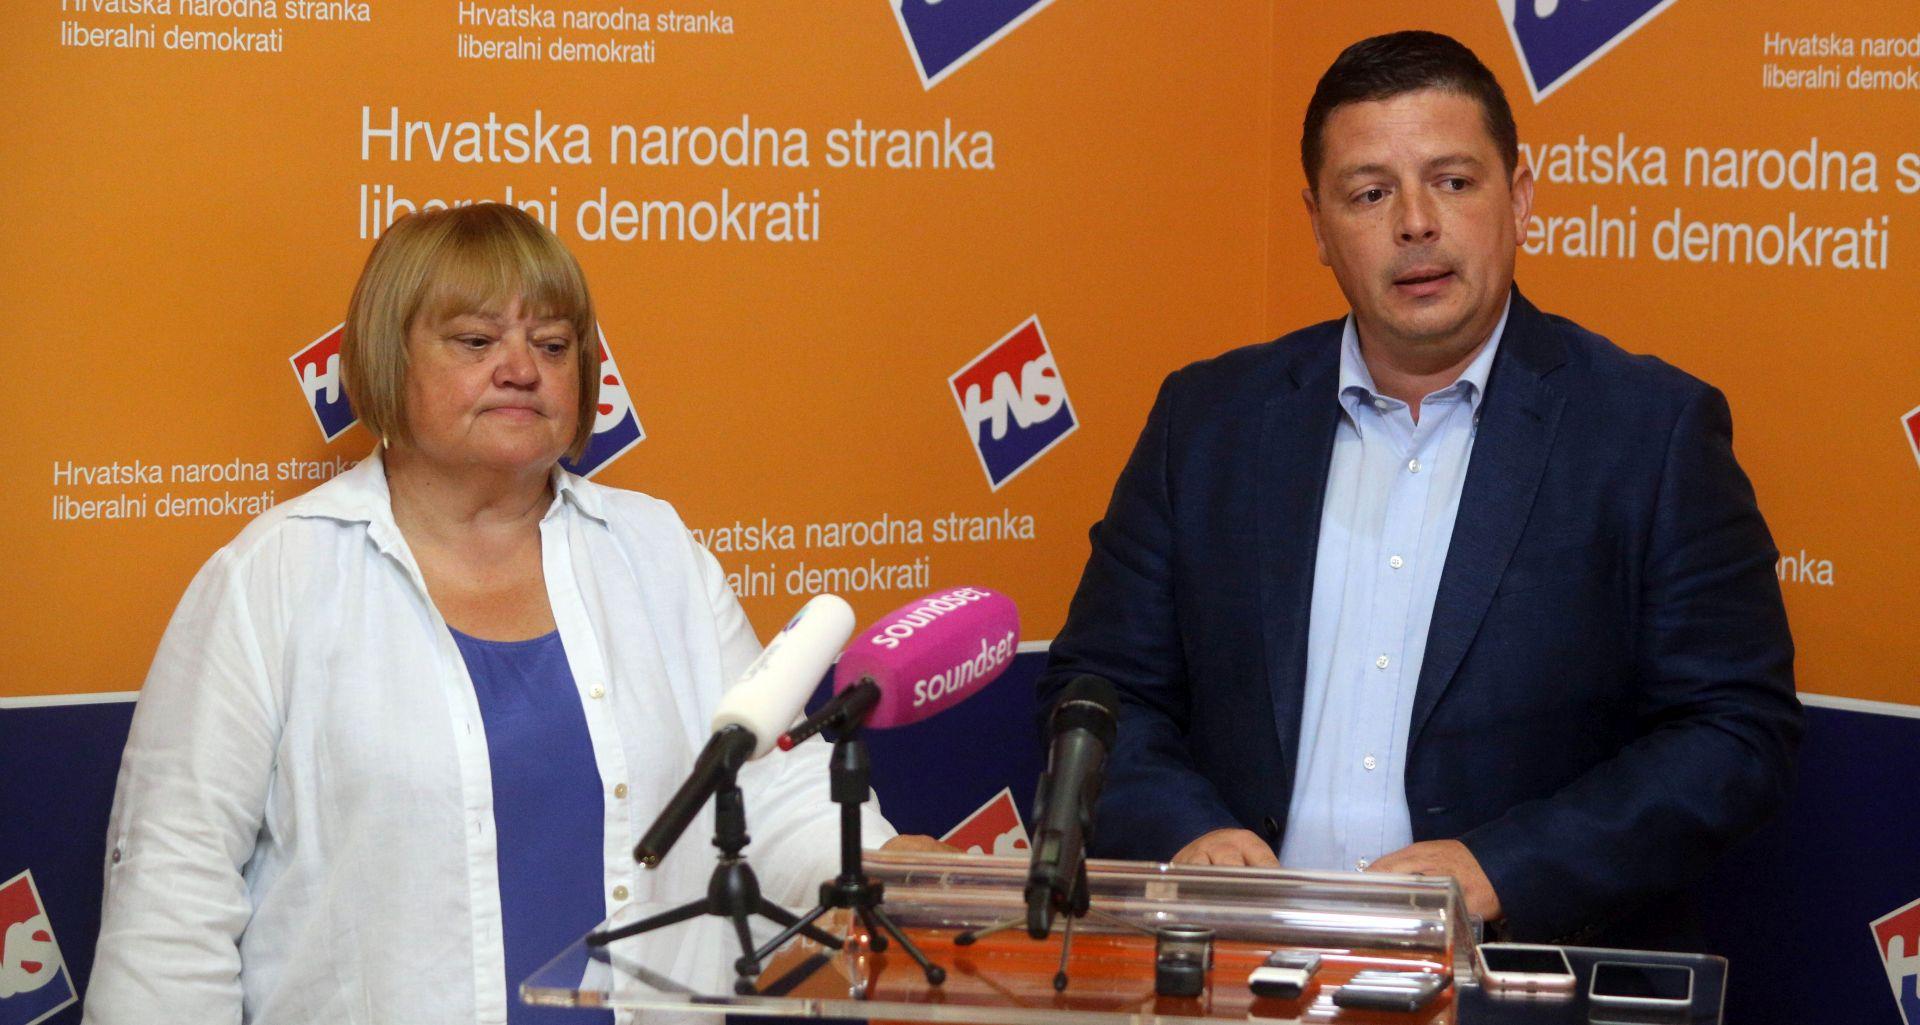 HNS: Nedopustivo je da Bandić novcem građana radi sebi kampanju